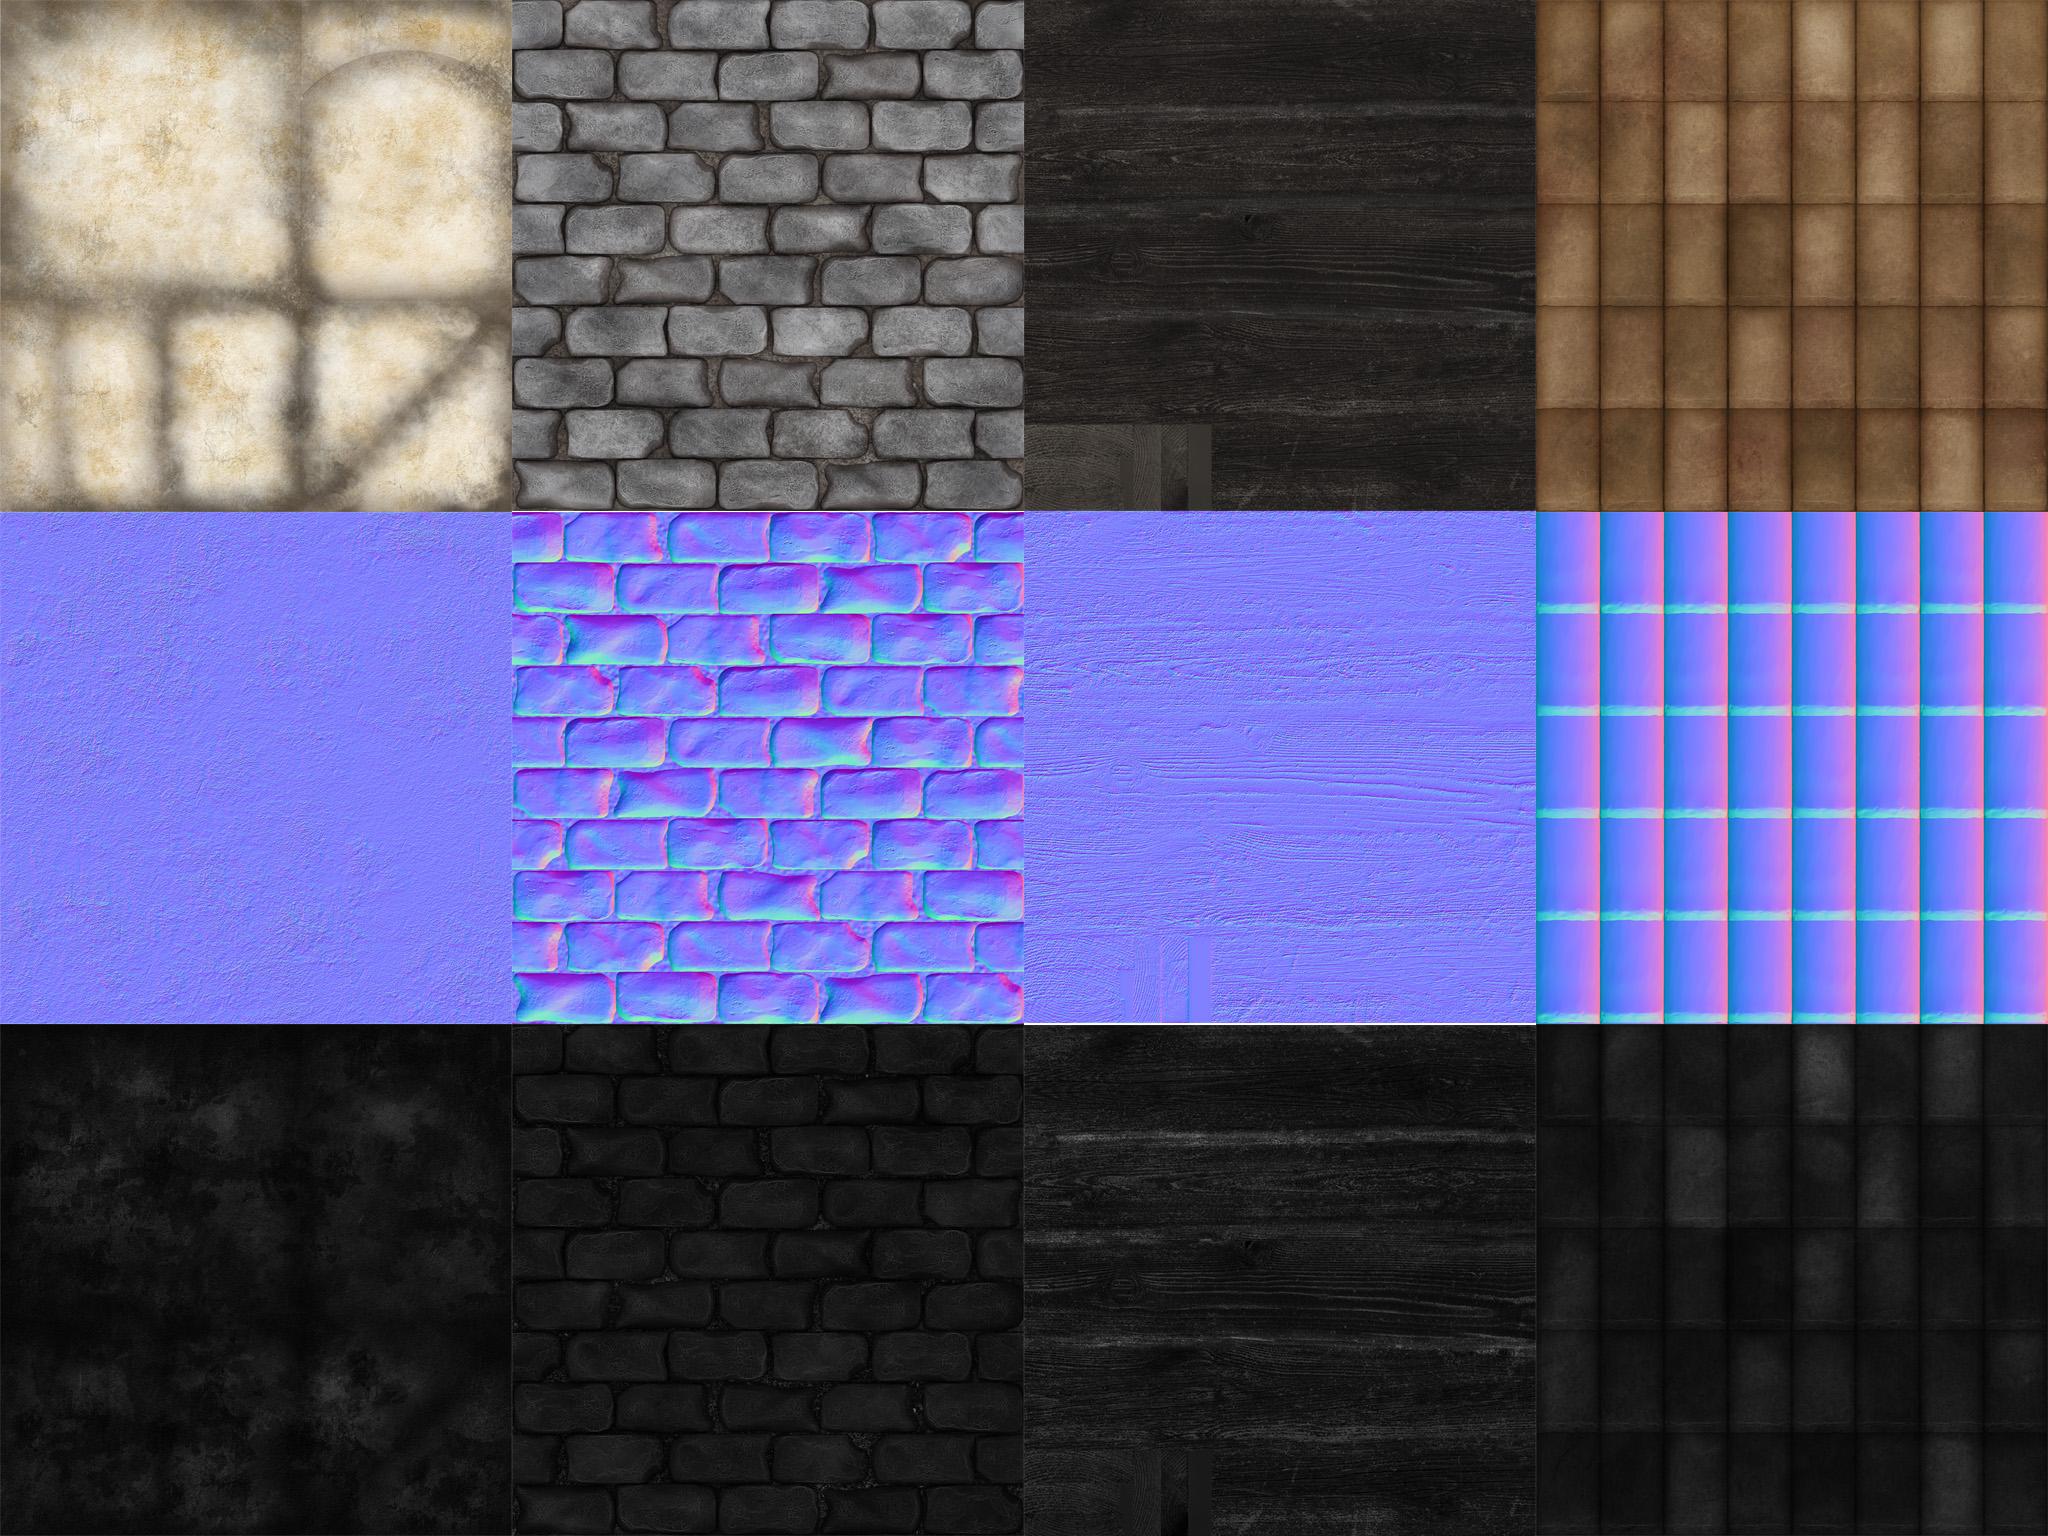 IvanLopezR_TextureBreakdown_01.jpg